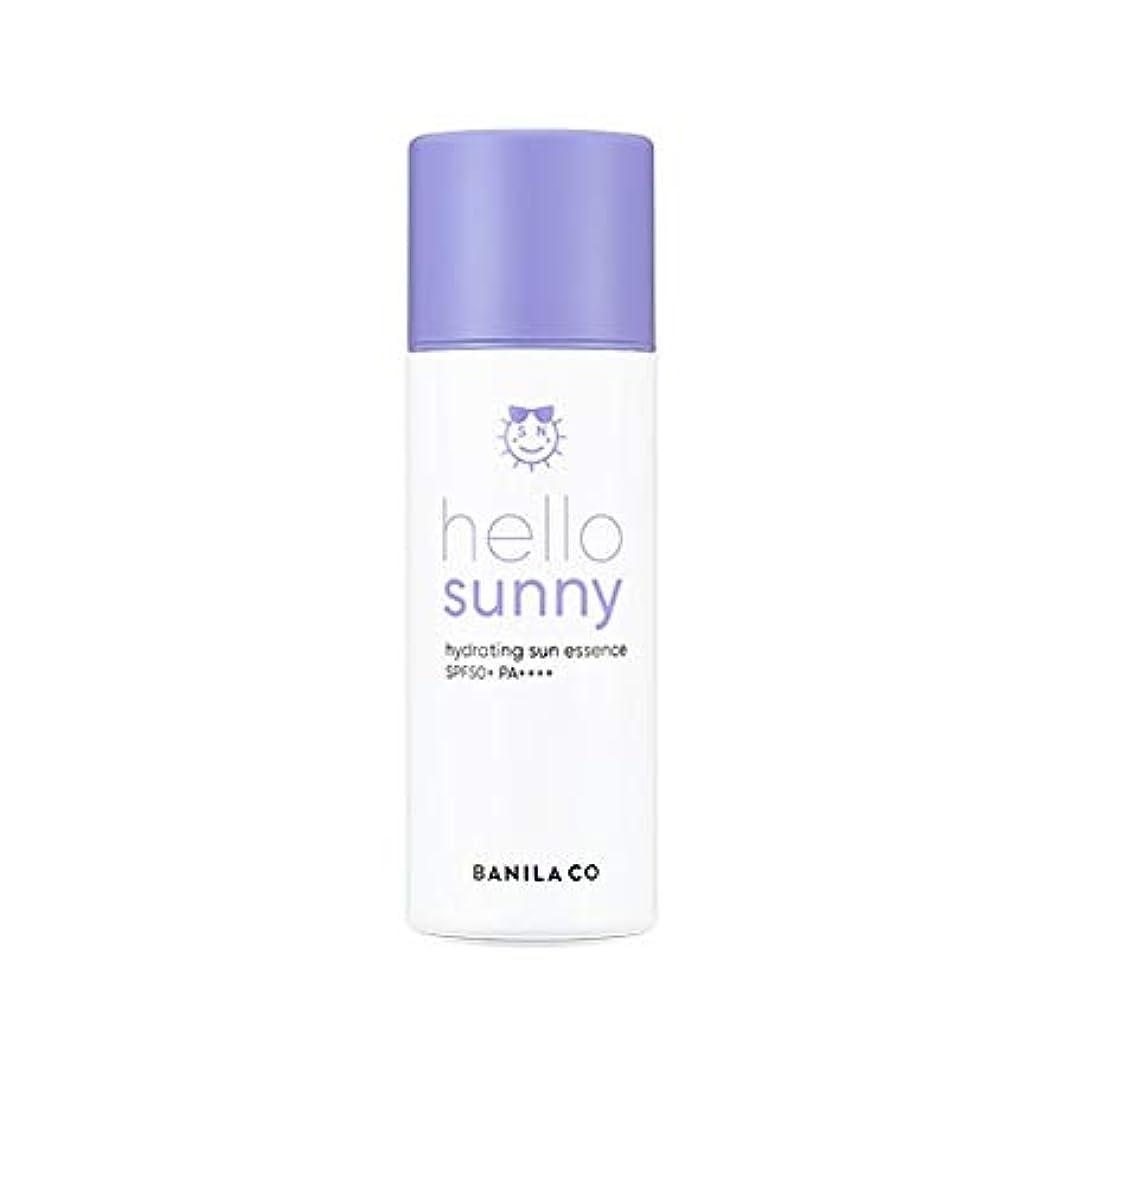 満足させる分割靄banilaco こんにちはサニーハイドレイティングエッセンスサンブロックSPF50 + PA ++++ / Hello Sunny Hydrating Essence Sunblock SPF50 + PA ++++ 50ml [並行輸入品]